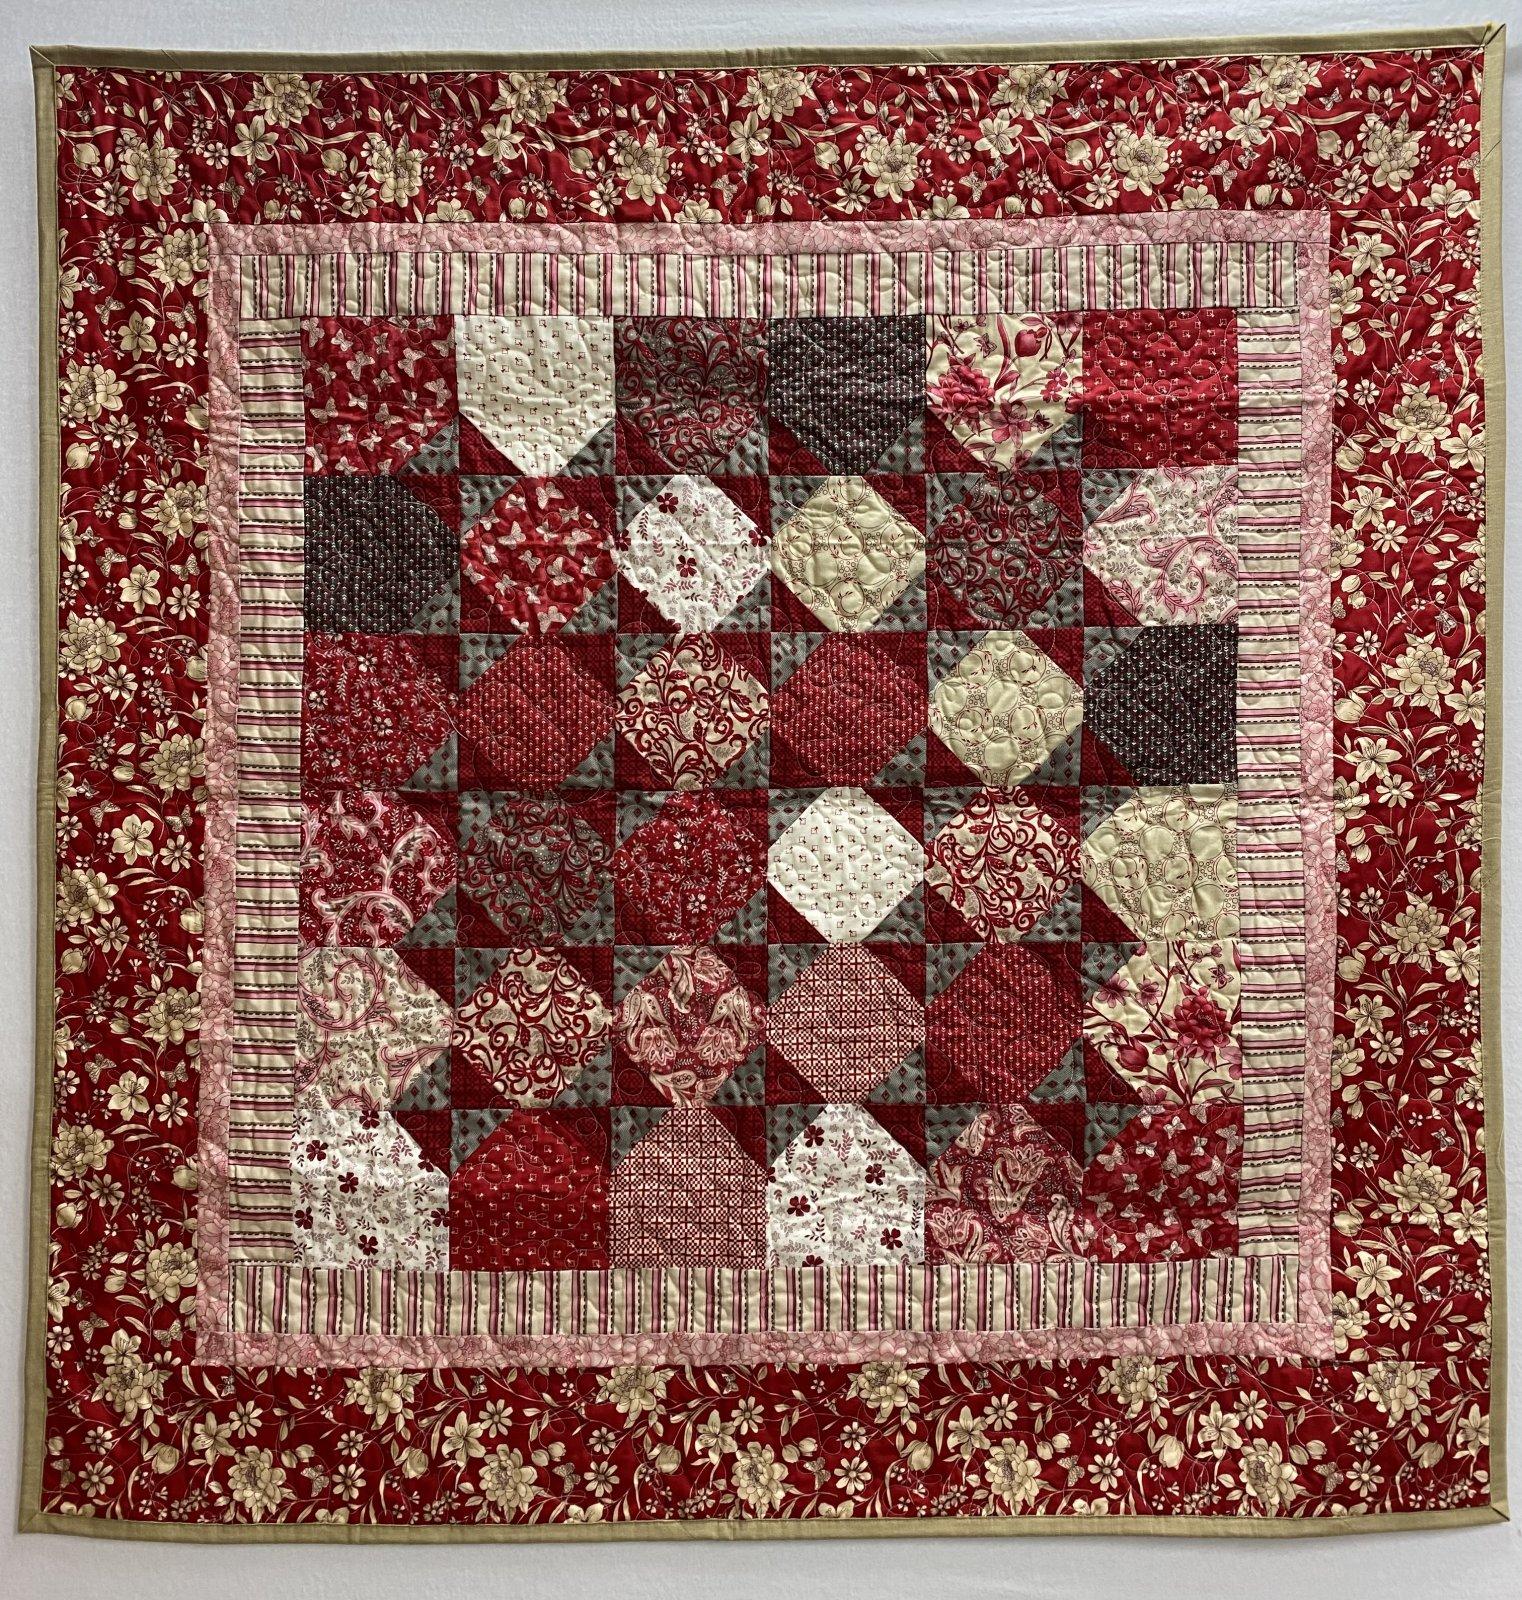 Red Floral Lap Quilt